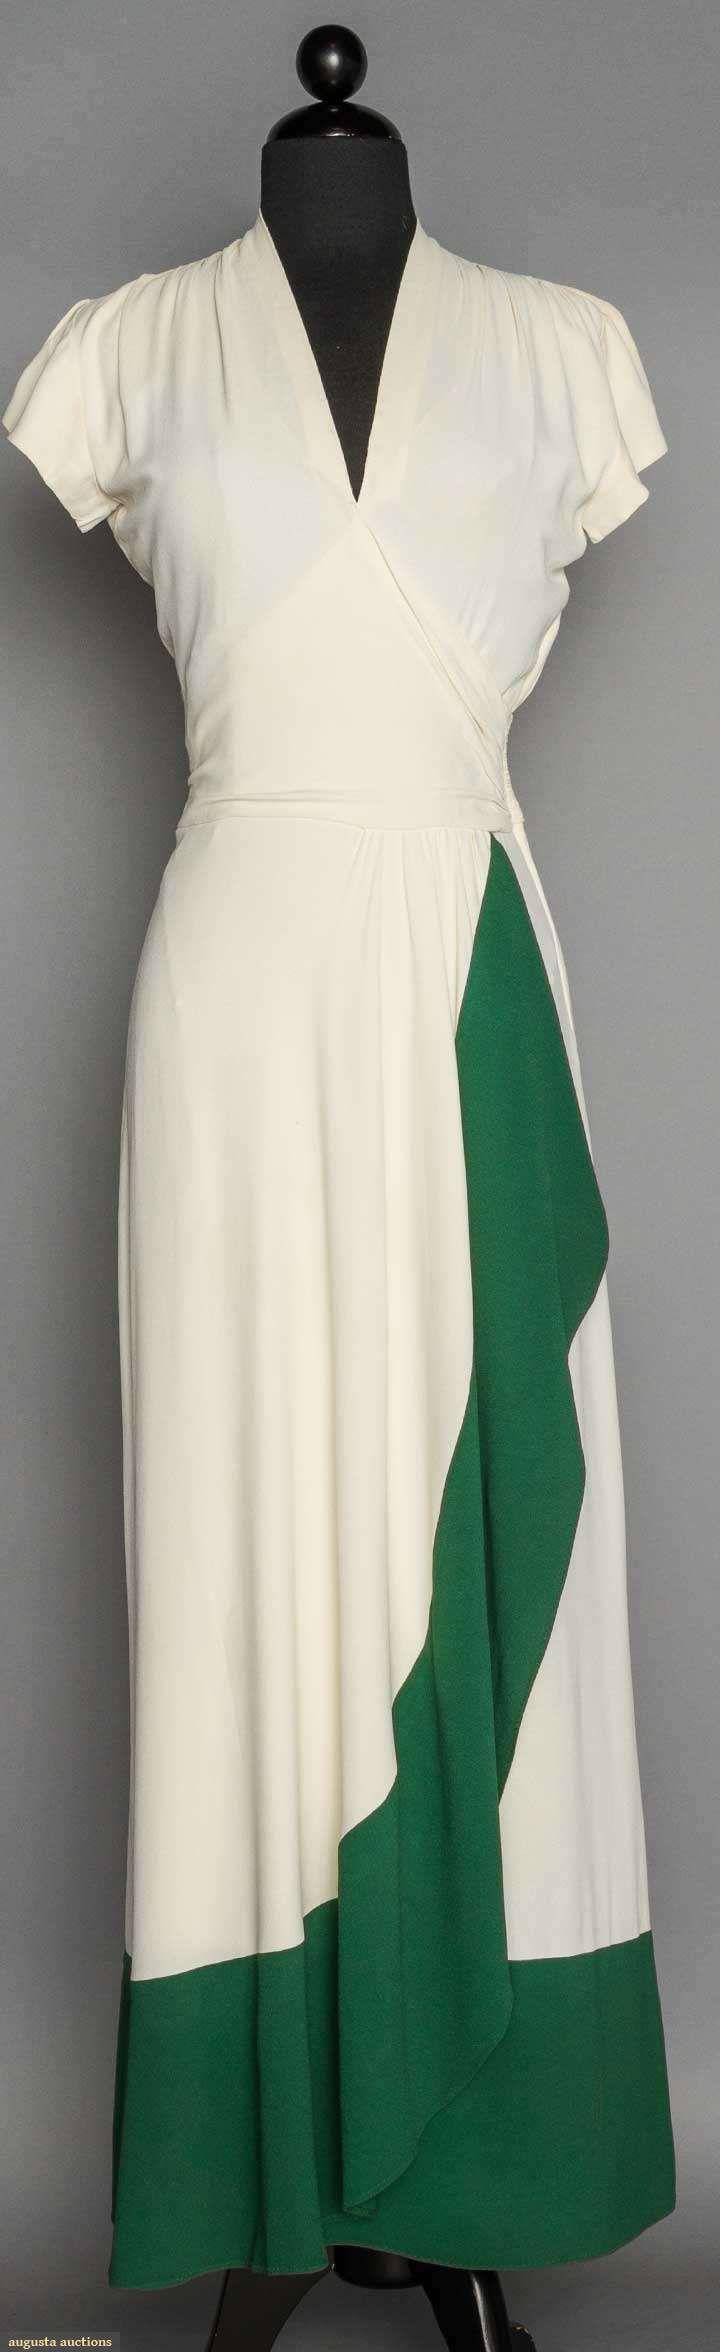 1940's white crepe dress w/ dark green panel on left side